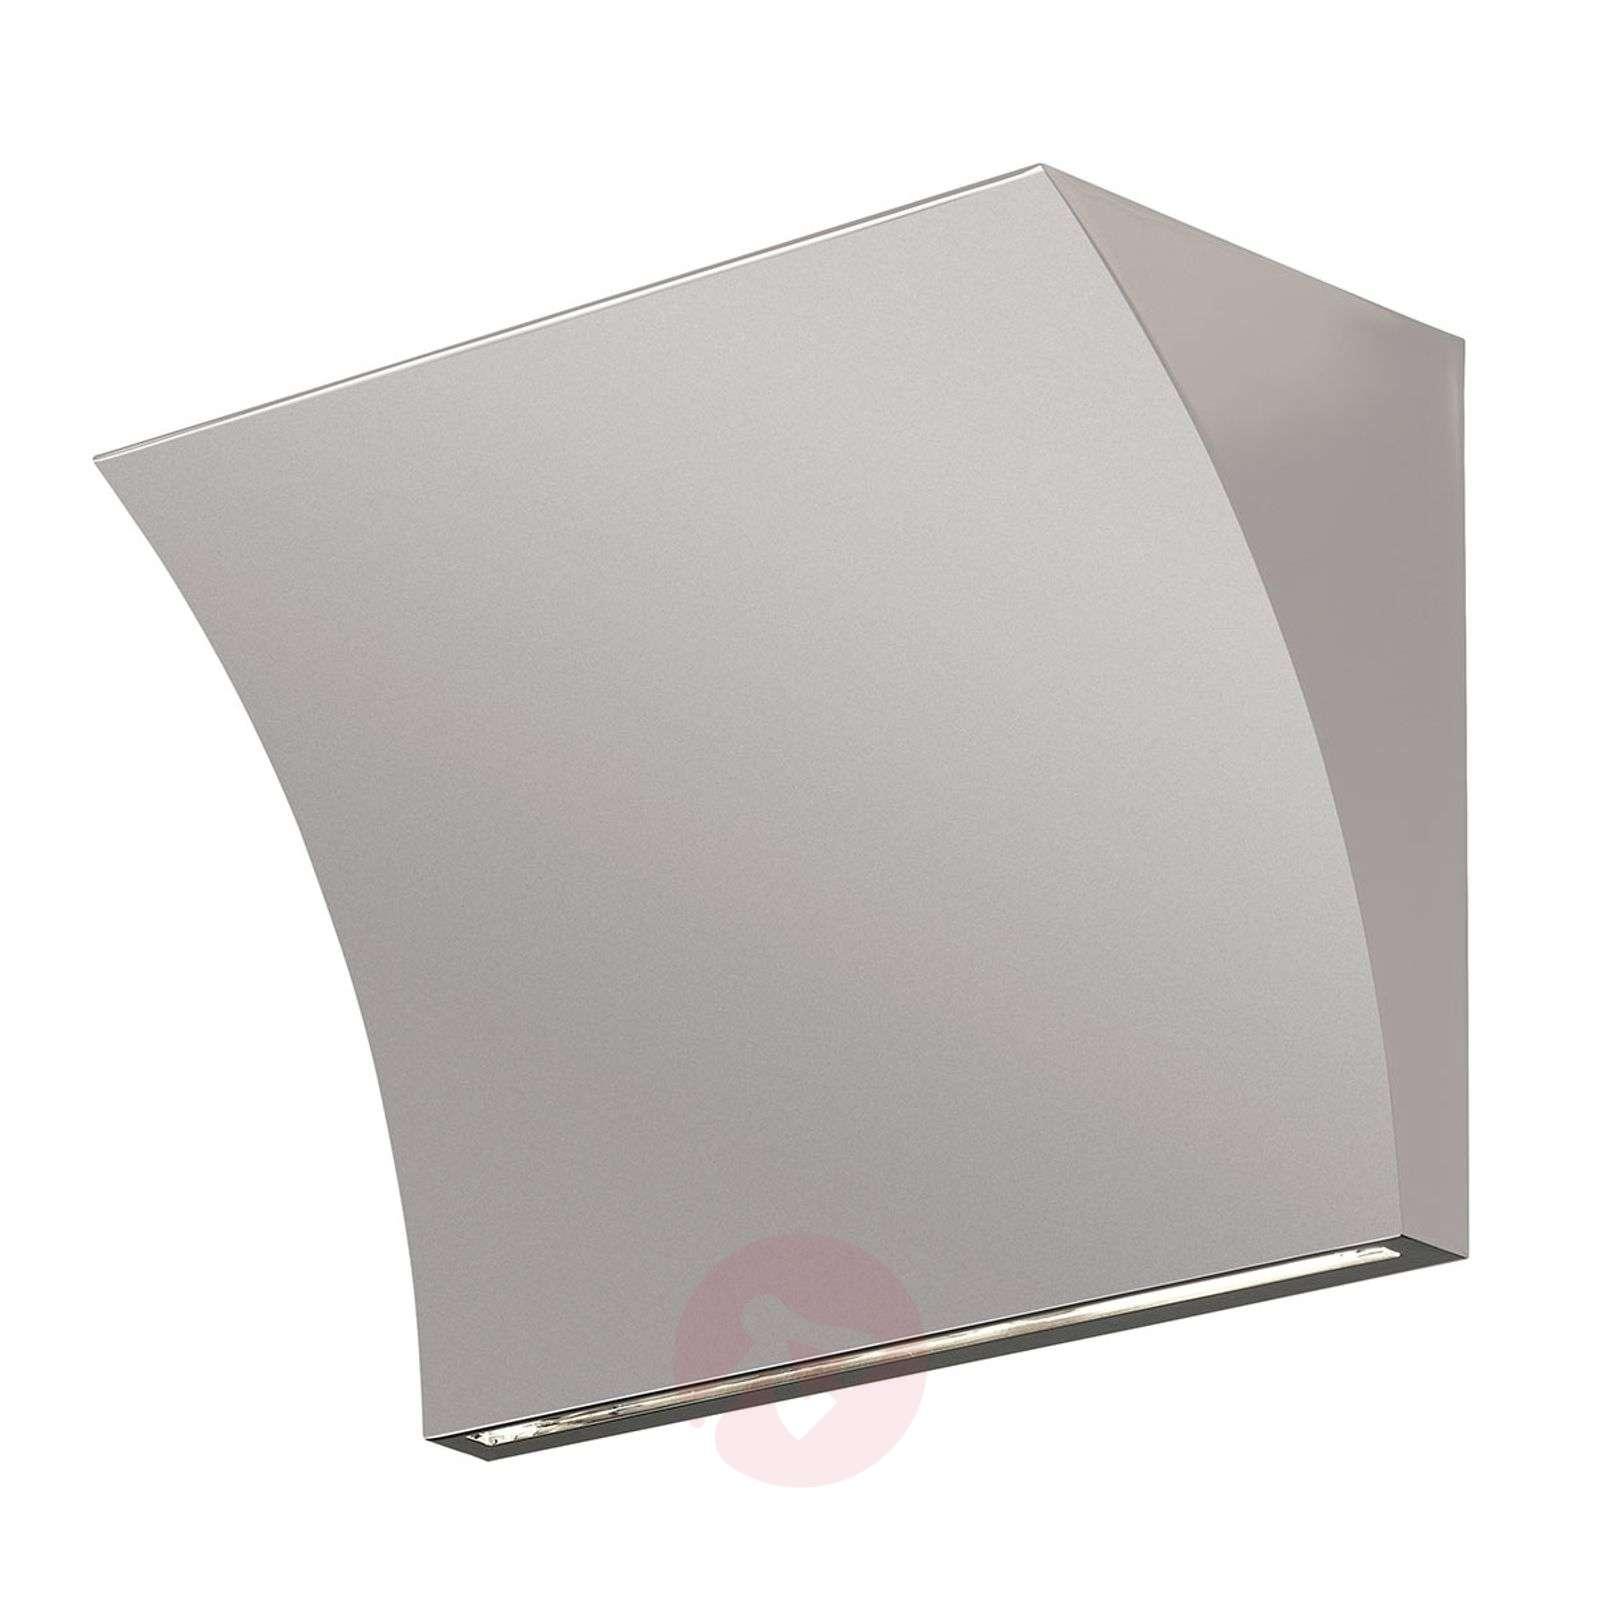 FLOS Pochette LED-seinävalaisin harmaa-3510508-01